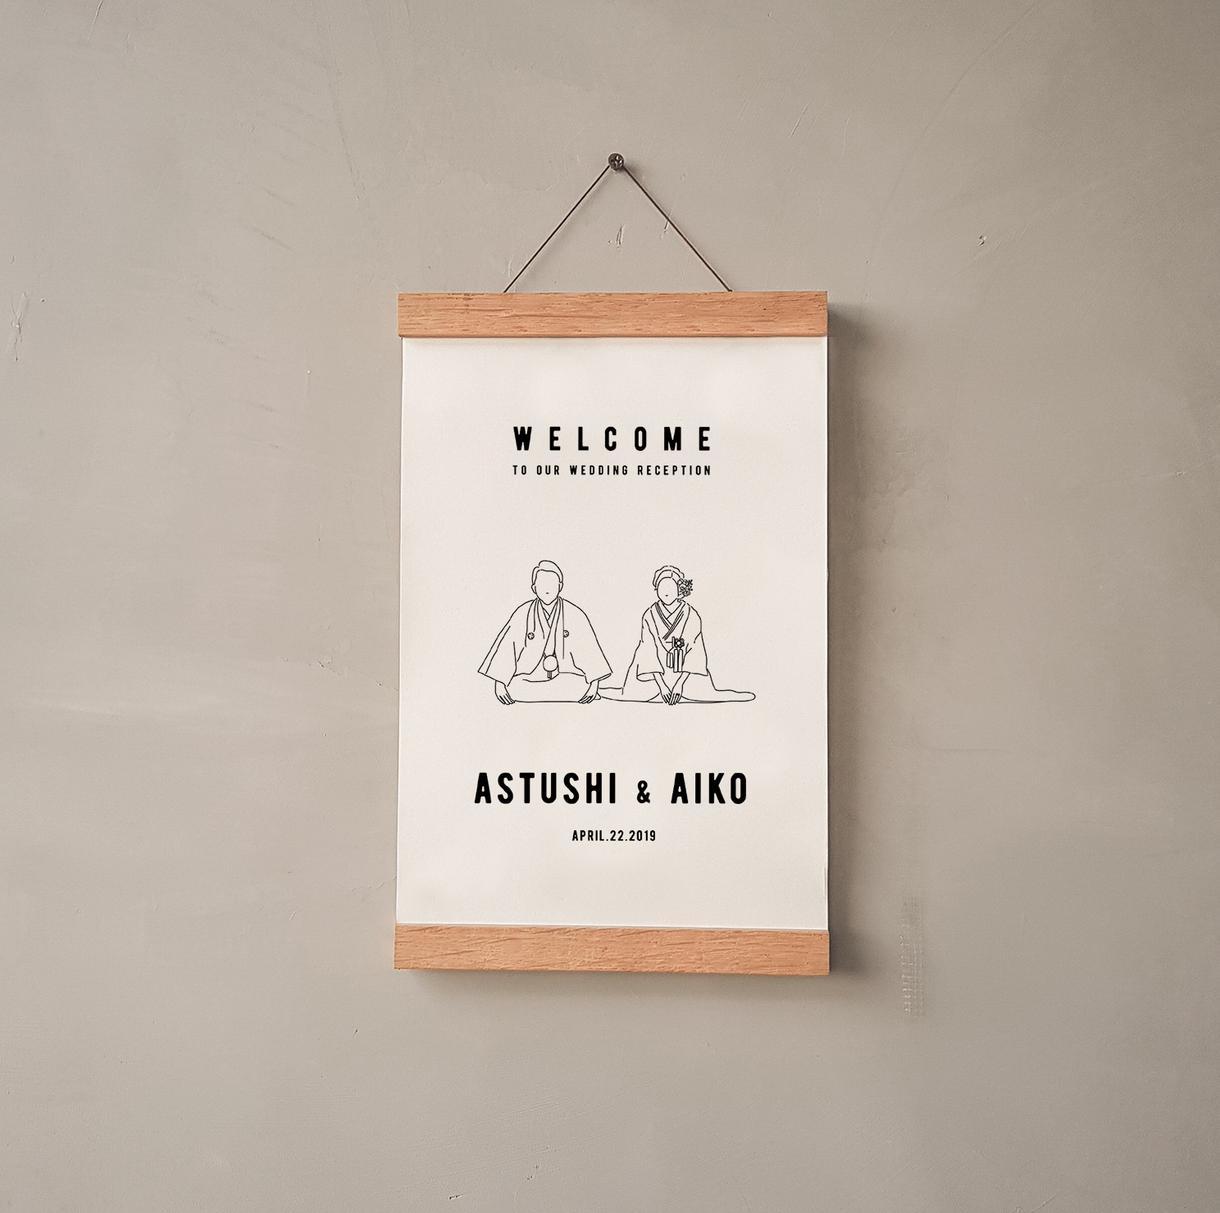 写真を元にシンプルなウェルカムボードを制作します 結婚式後も部屋にお洒落に飾れます♪